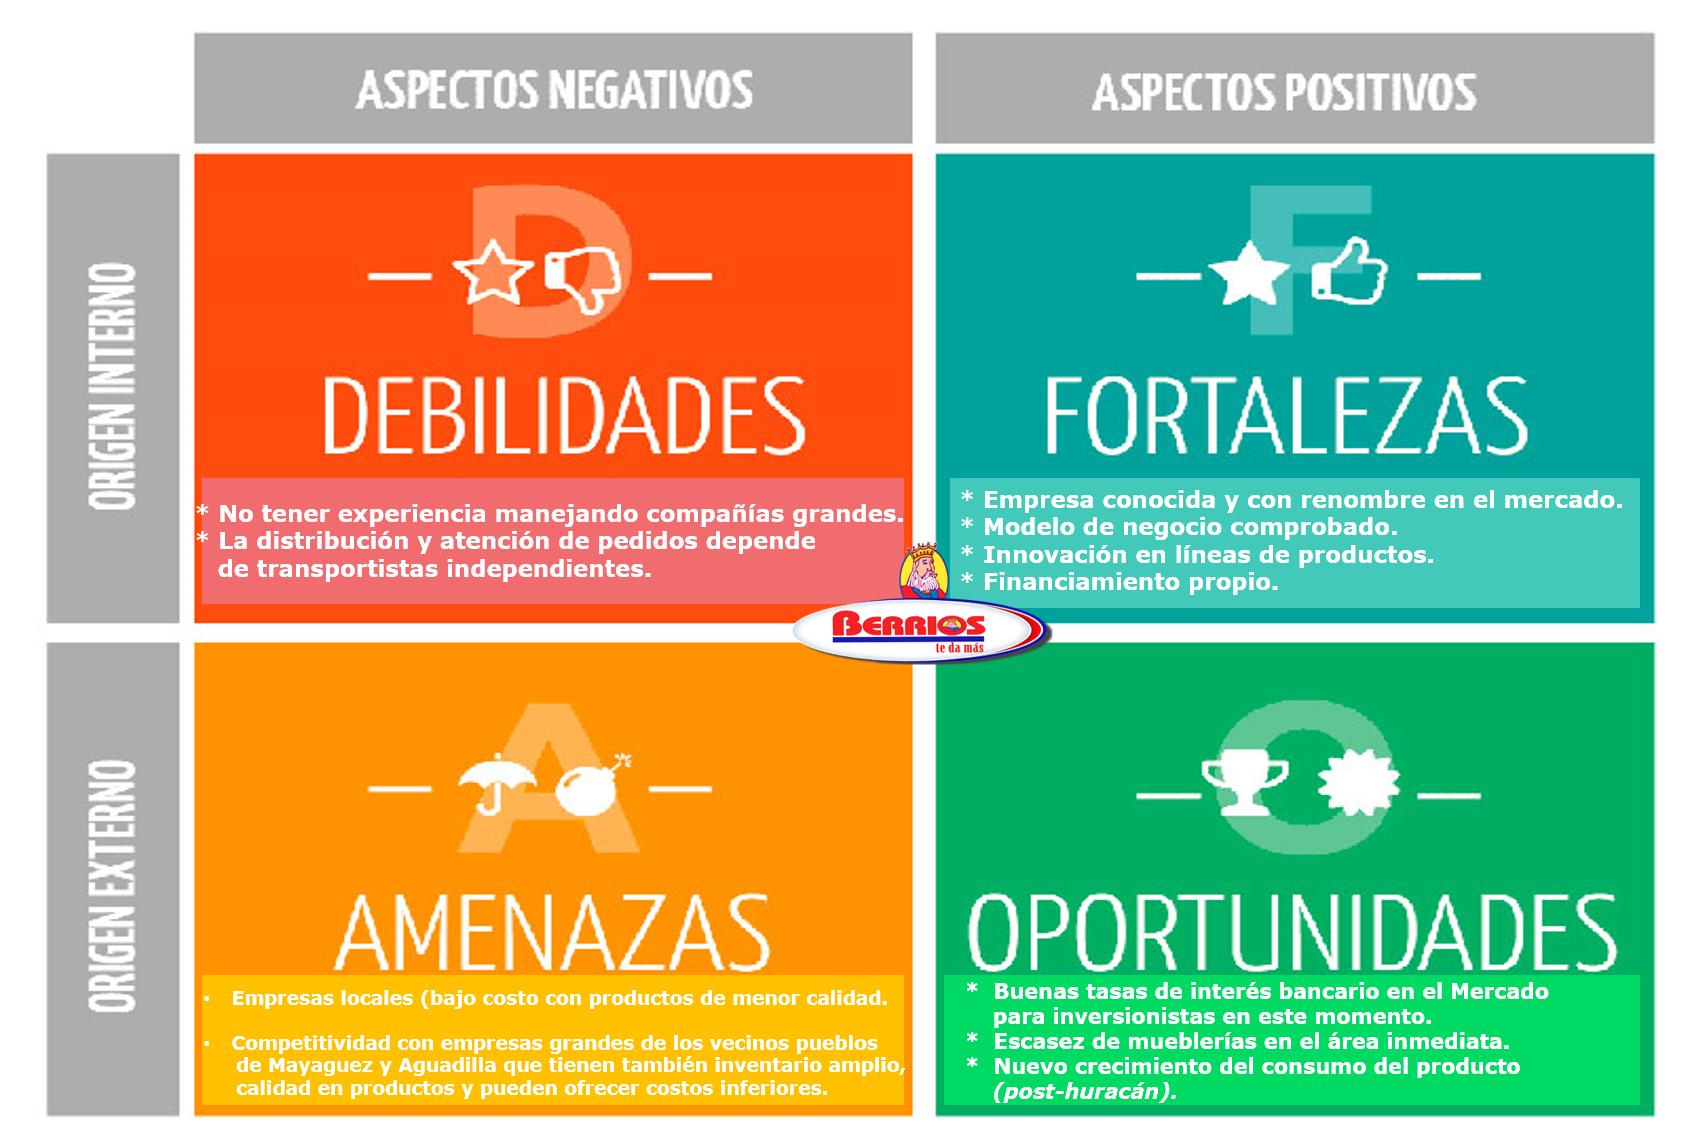 Estudio De Viabilidad Mueblerias Berrios On Emaze # Analisis Dafo Muebles